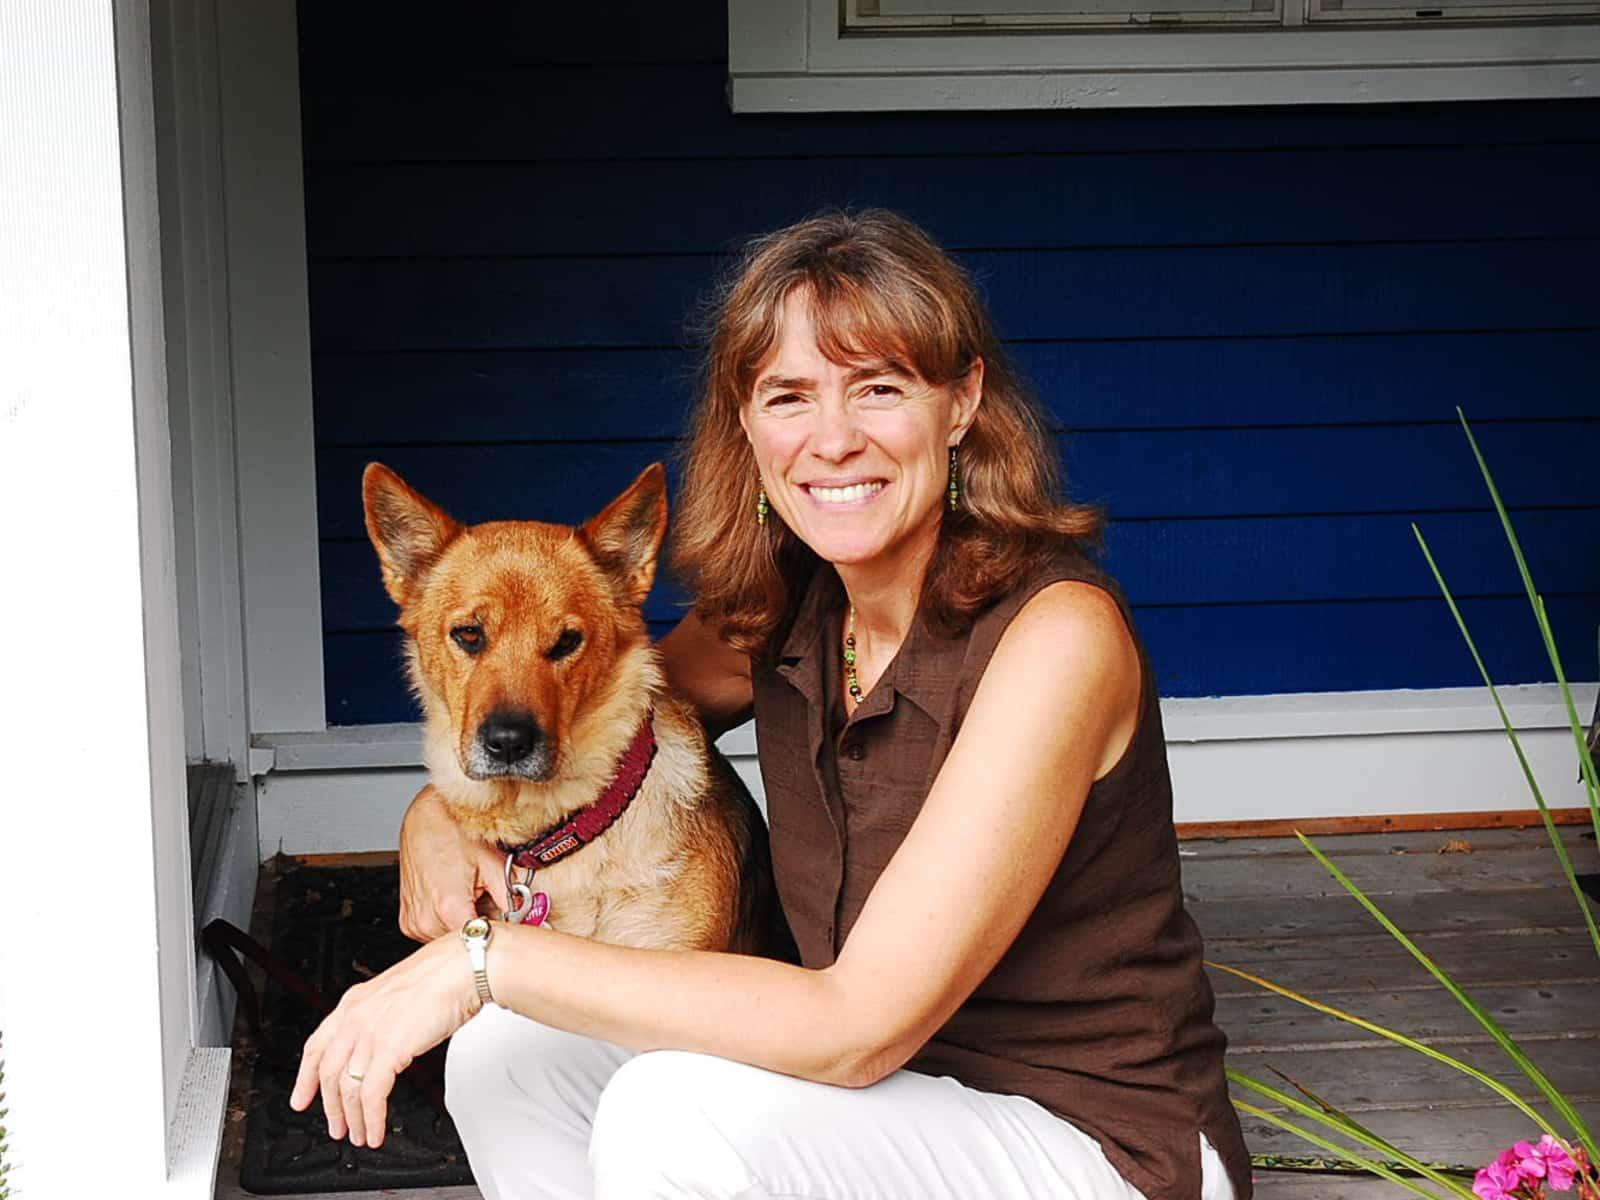 Kristina from St. John's, Newfoundland and Labrador, Canada